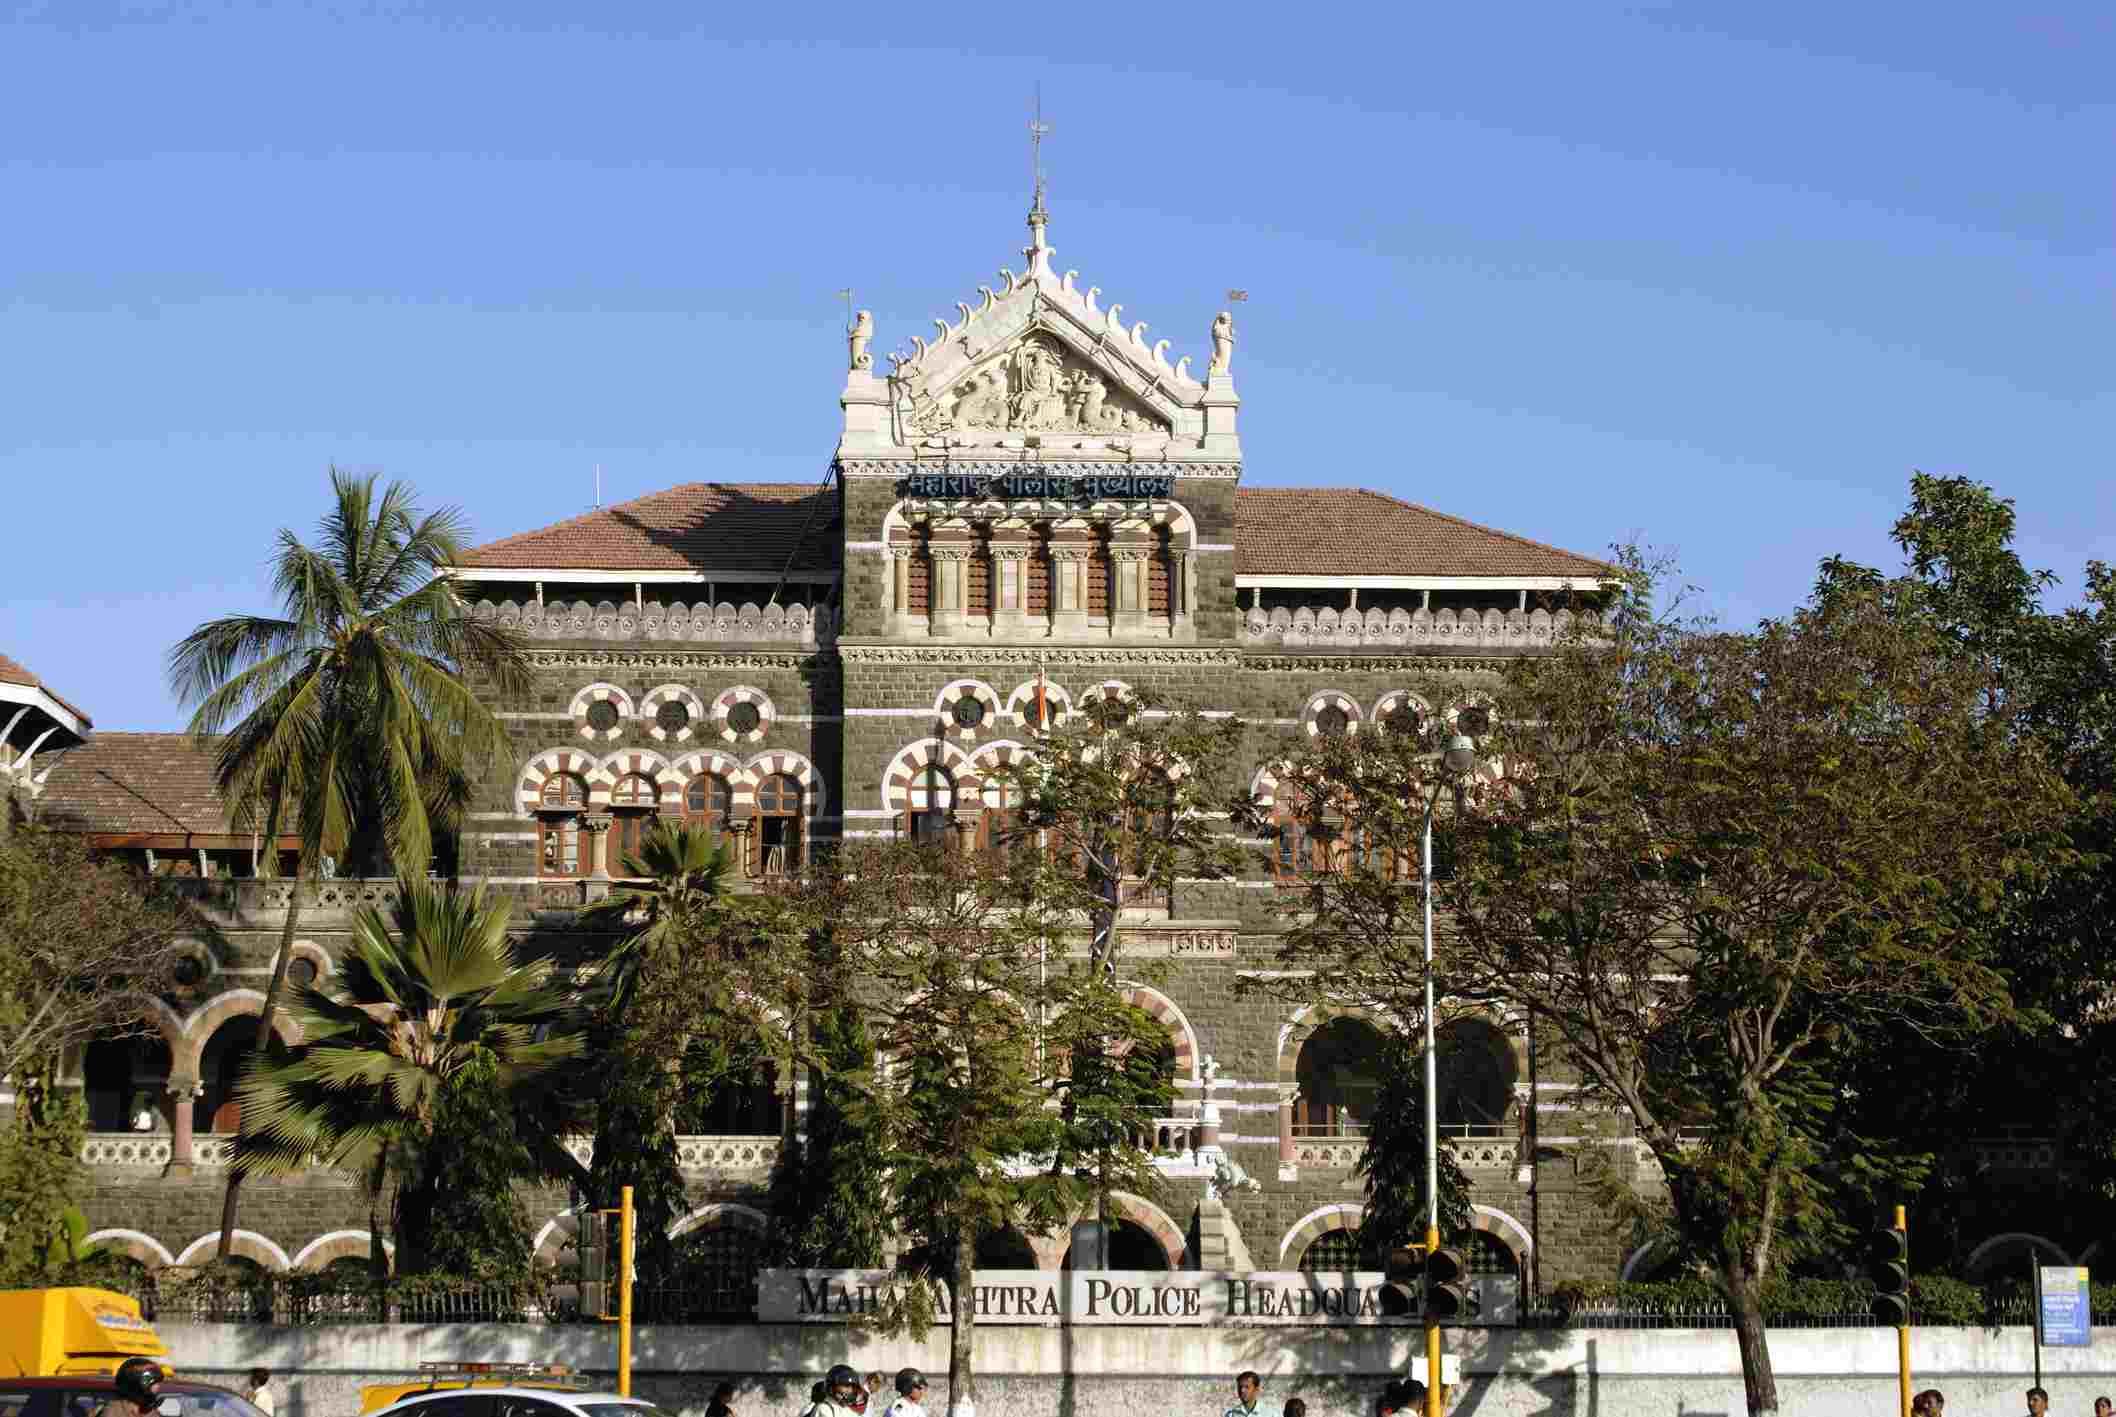 Police Headquarter, Bombay Mumbai, Maharashtra, India